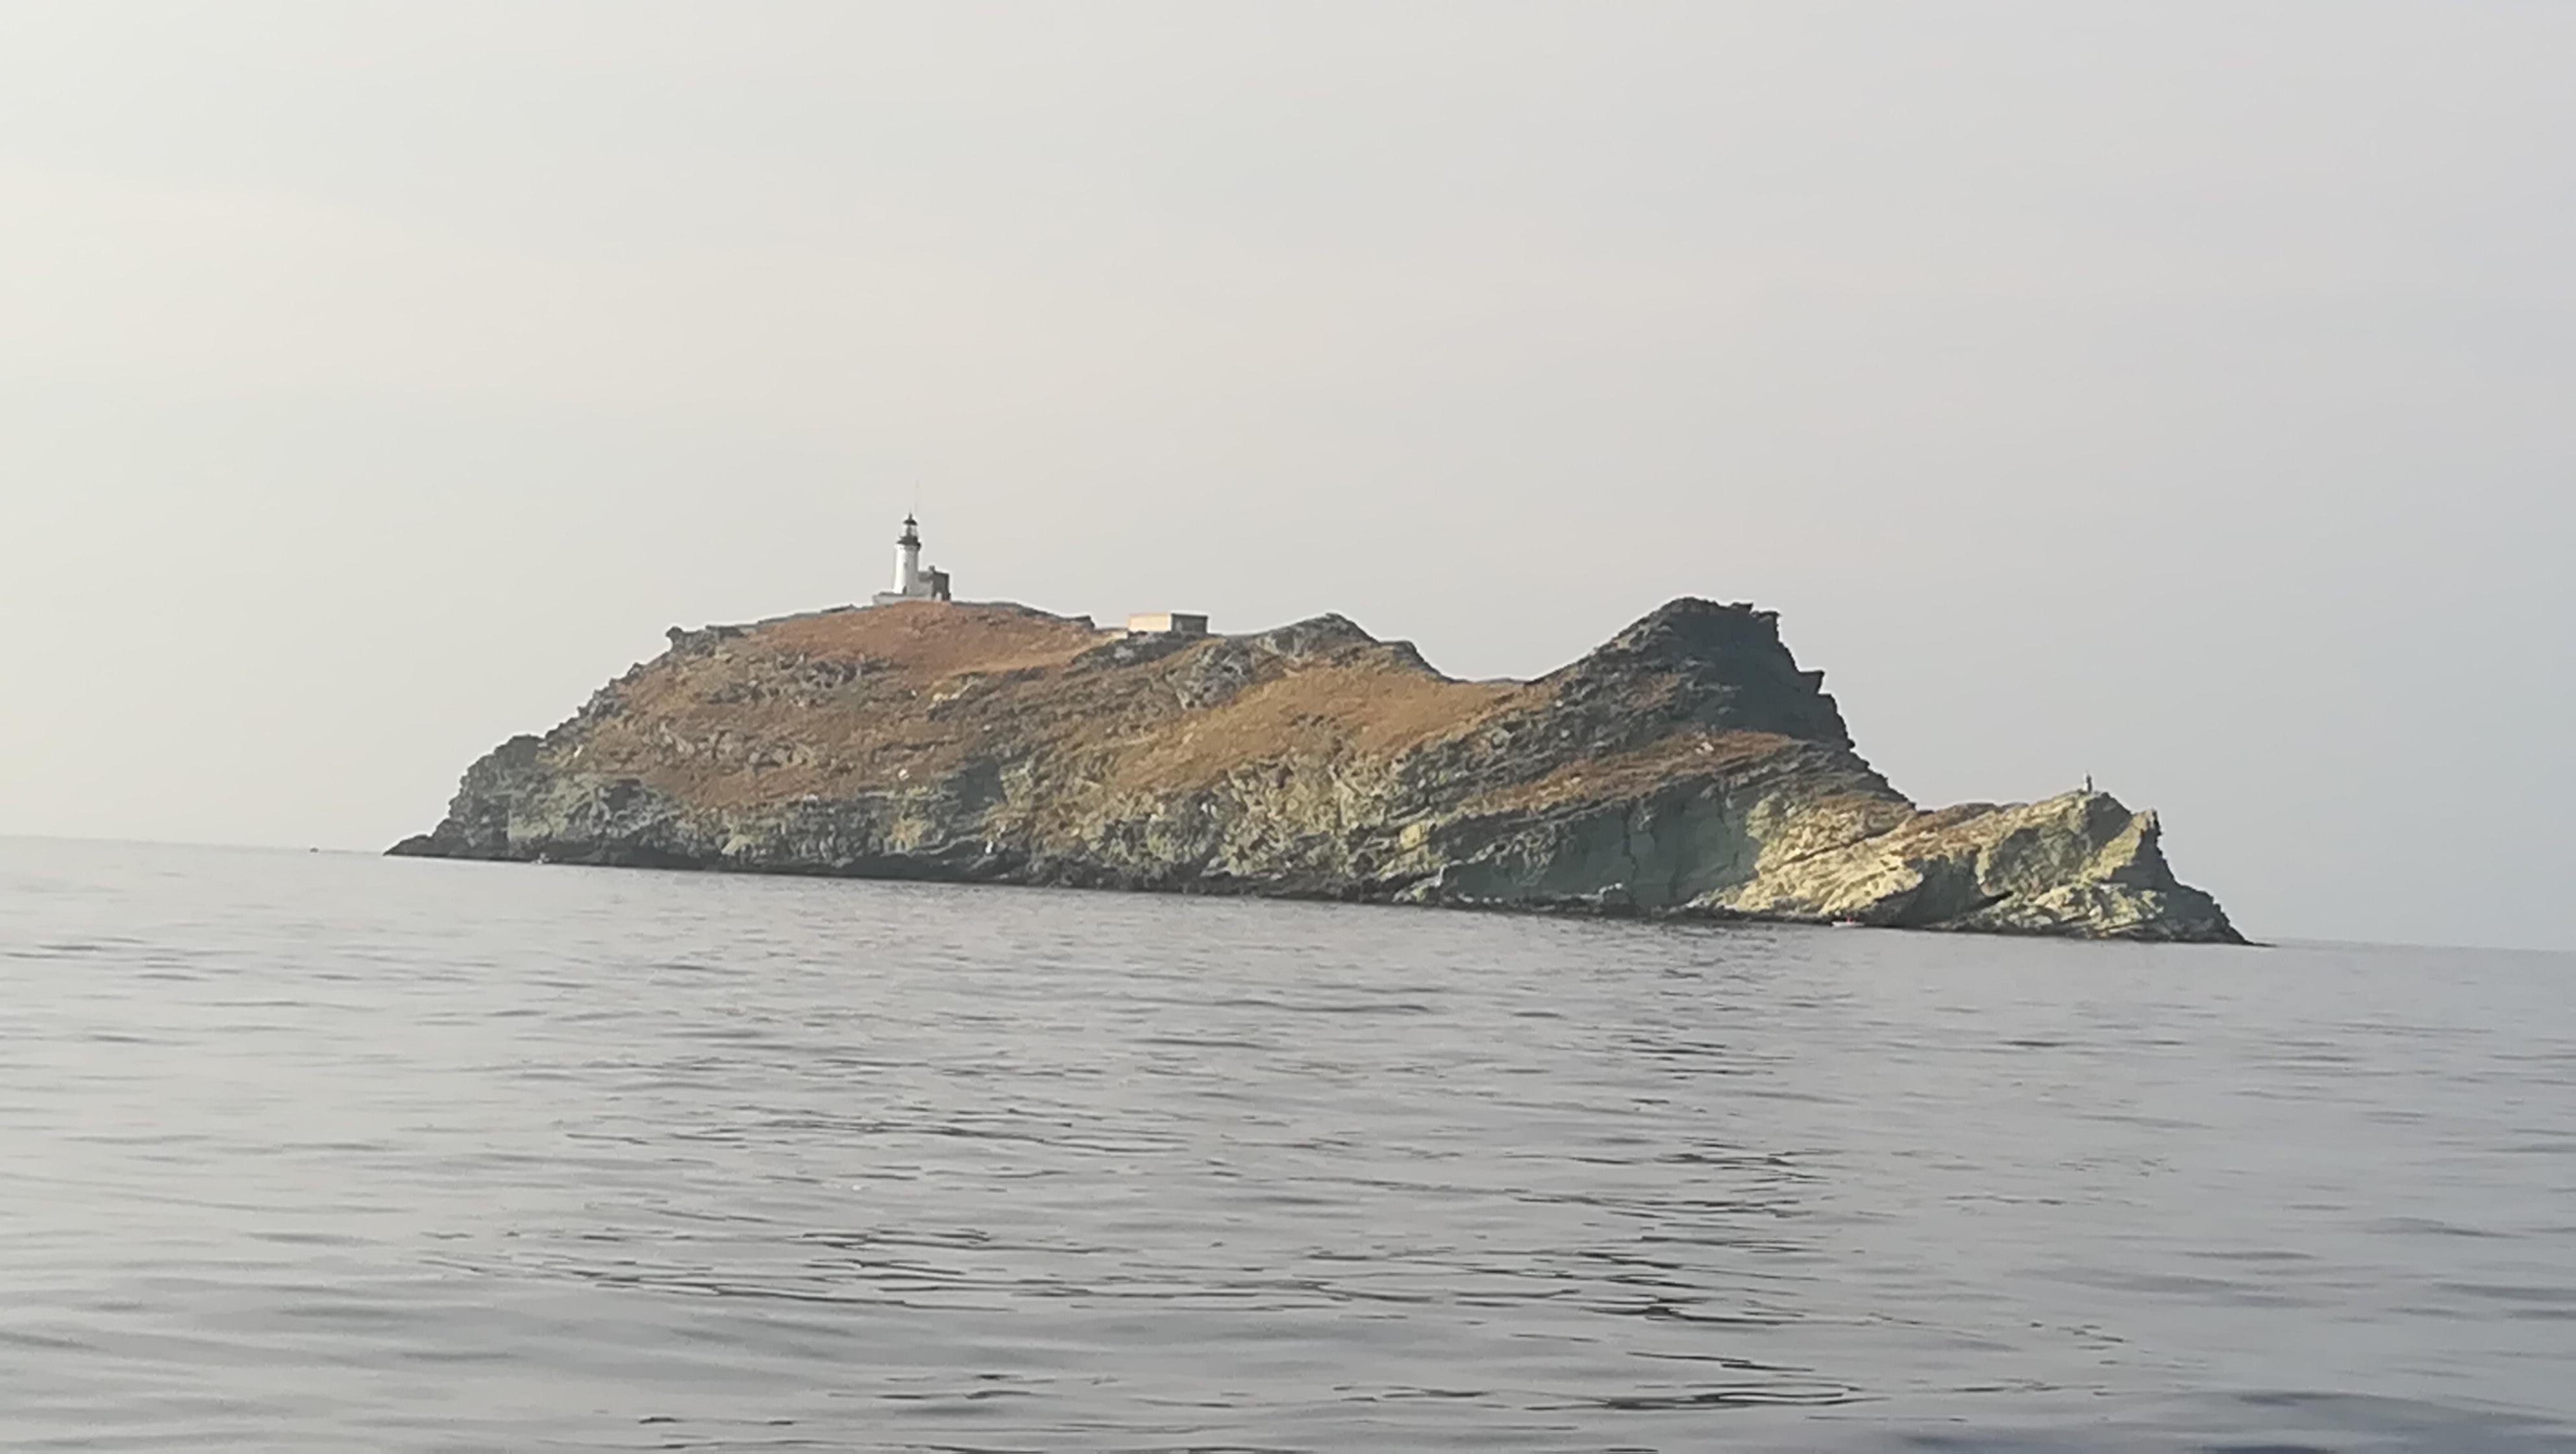 La photo du jour : A l'extrémité de l'Île, la Giraglia